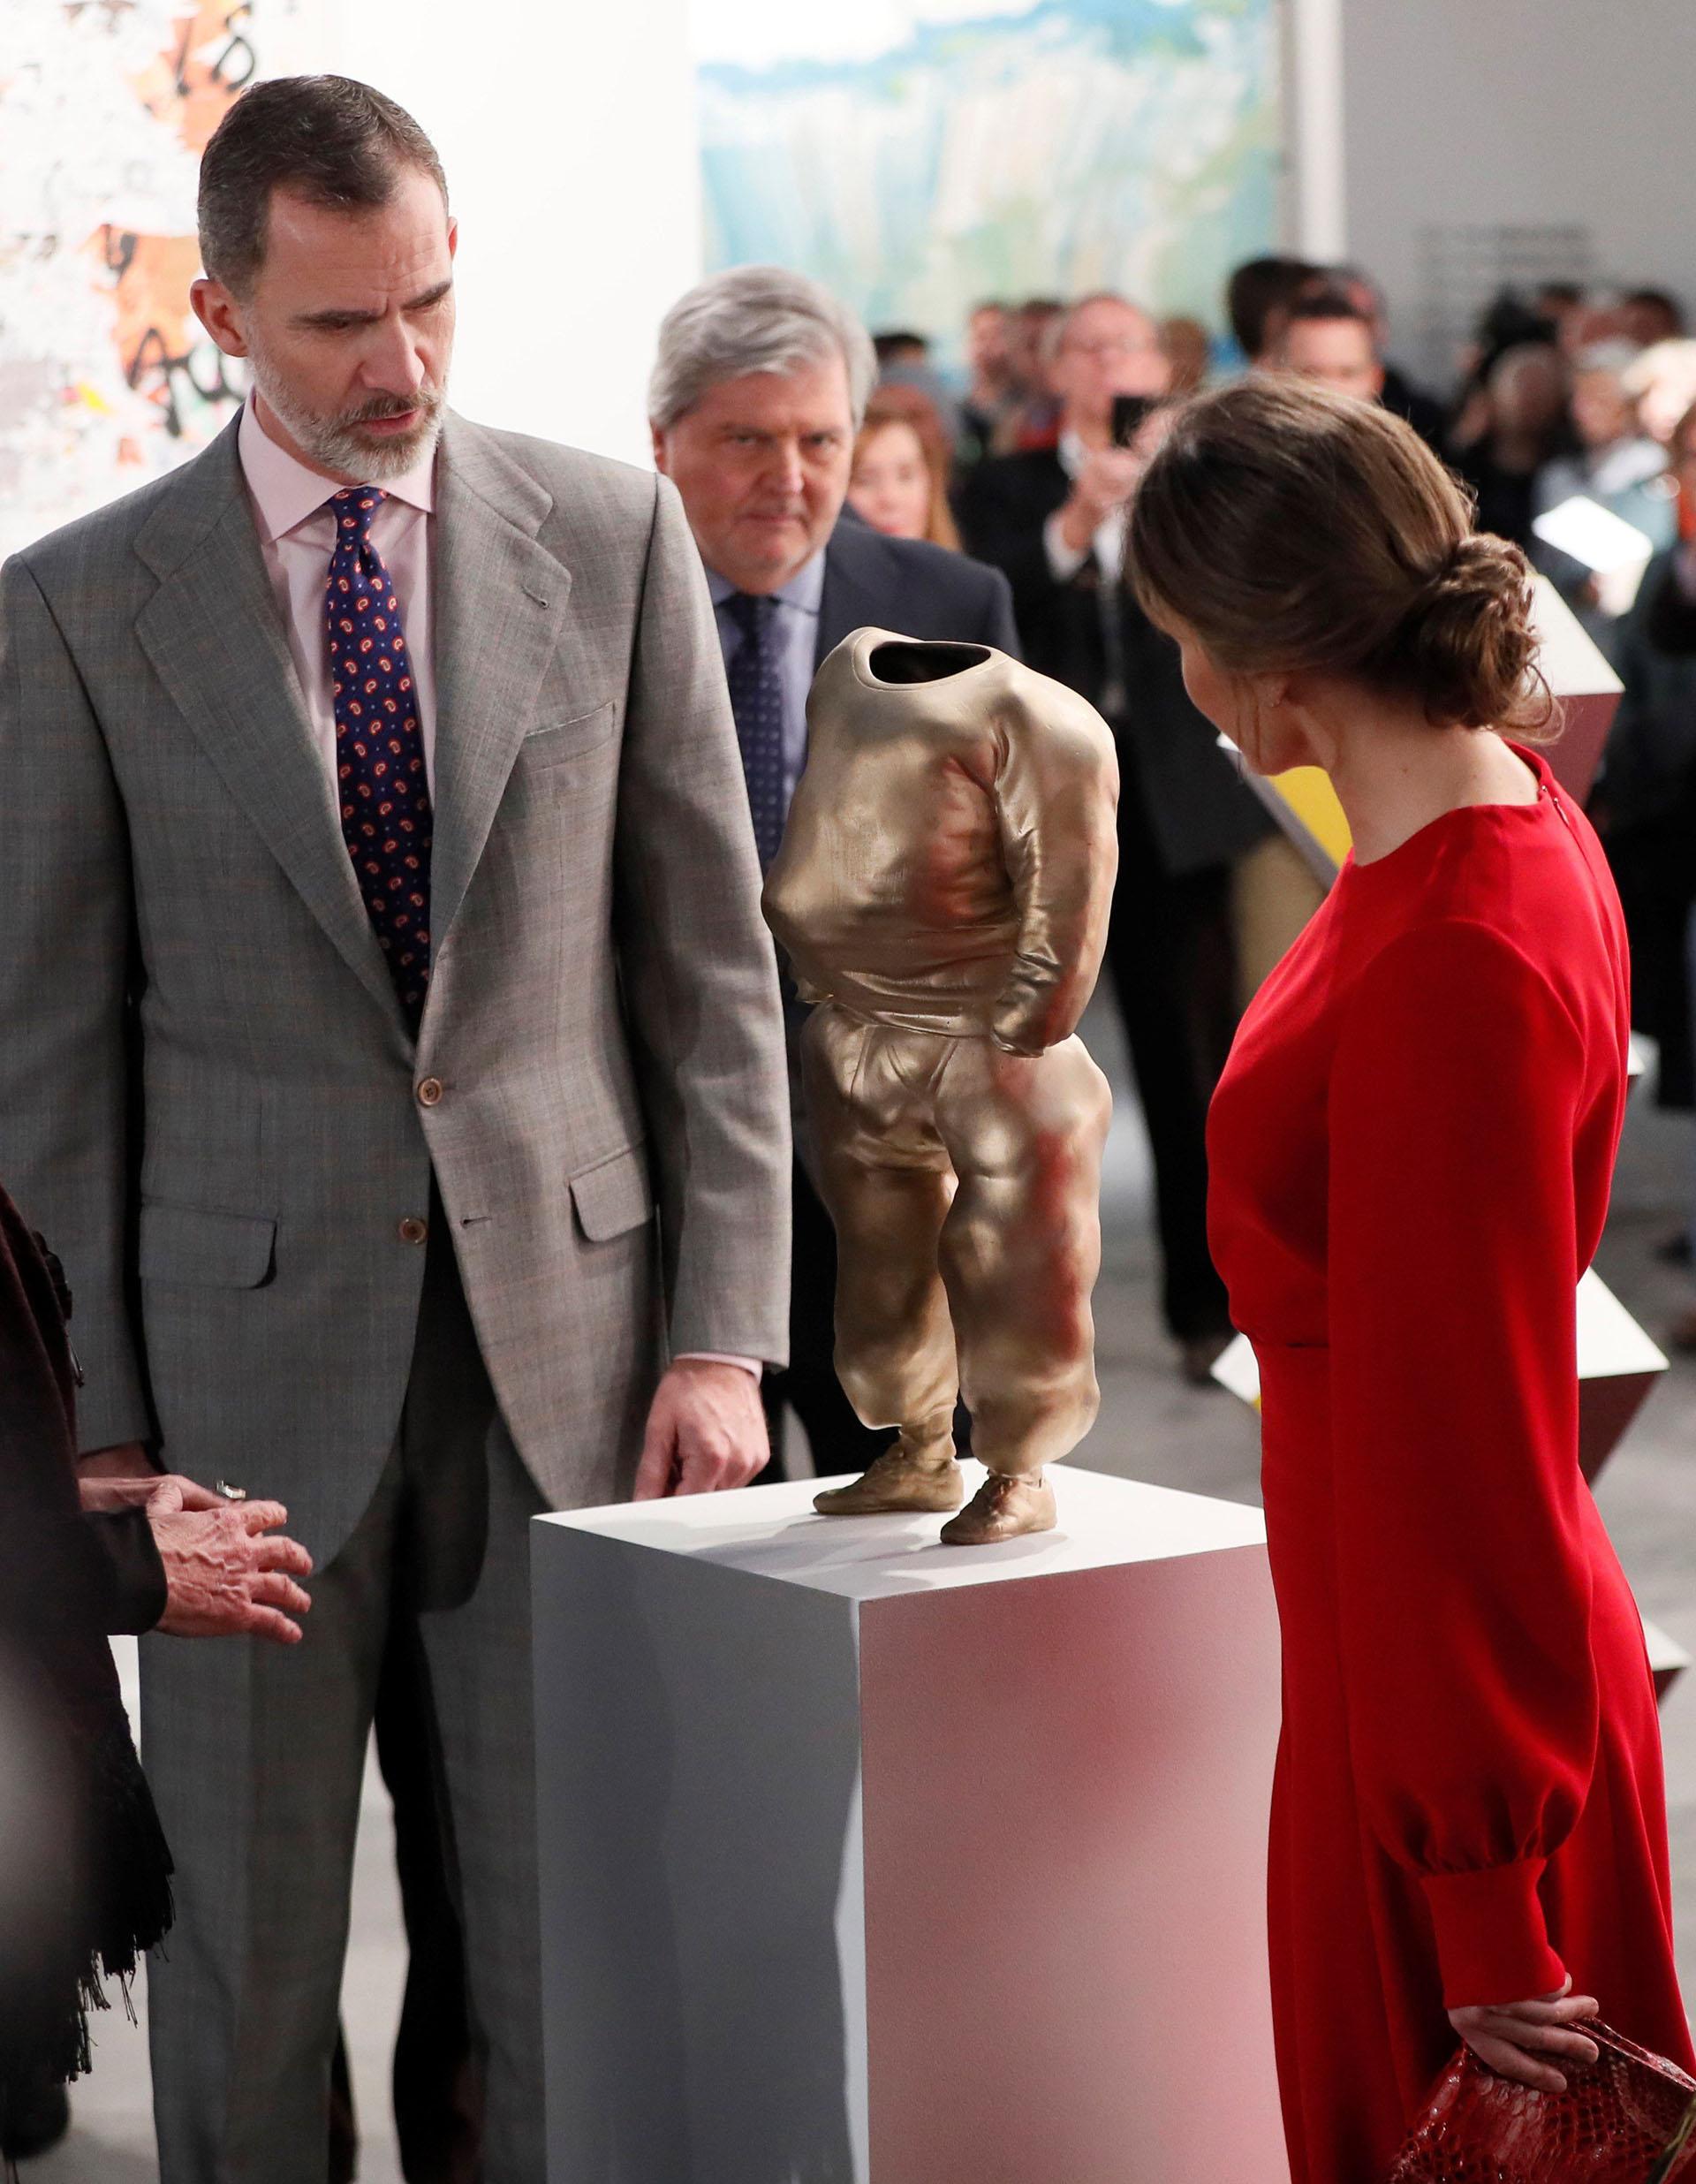 """Felipe y Letizia observan una escultura de bronce titulada """"He-Pop"""", de la serie """"Bad Thoughts"""" del artista austríaco Erwin Wurm, expuesta en el espacio de la galerista Cristina Guerra"""